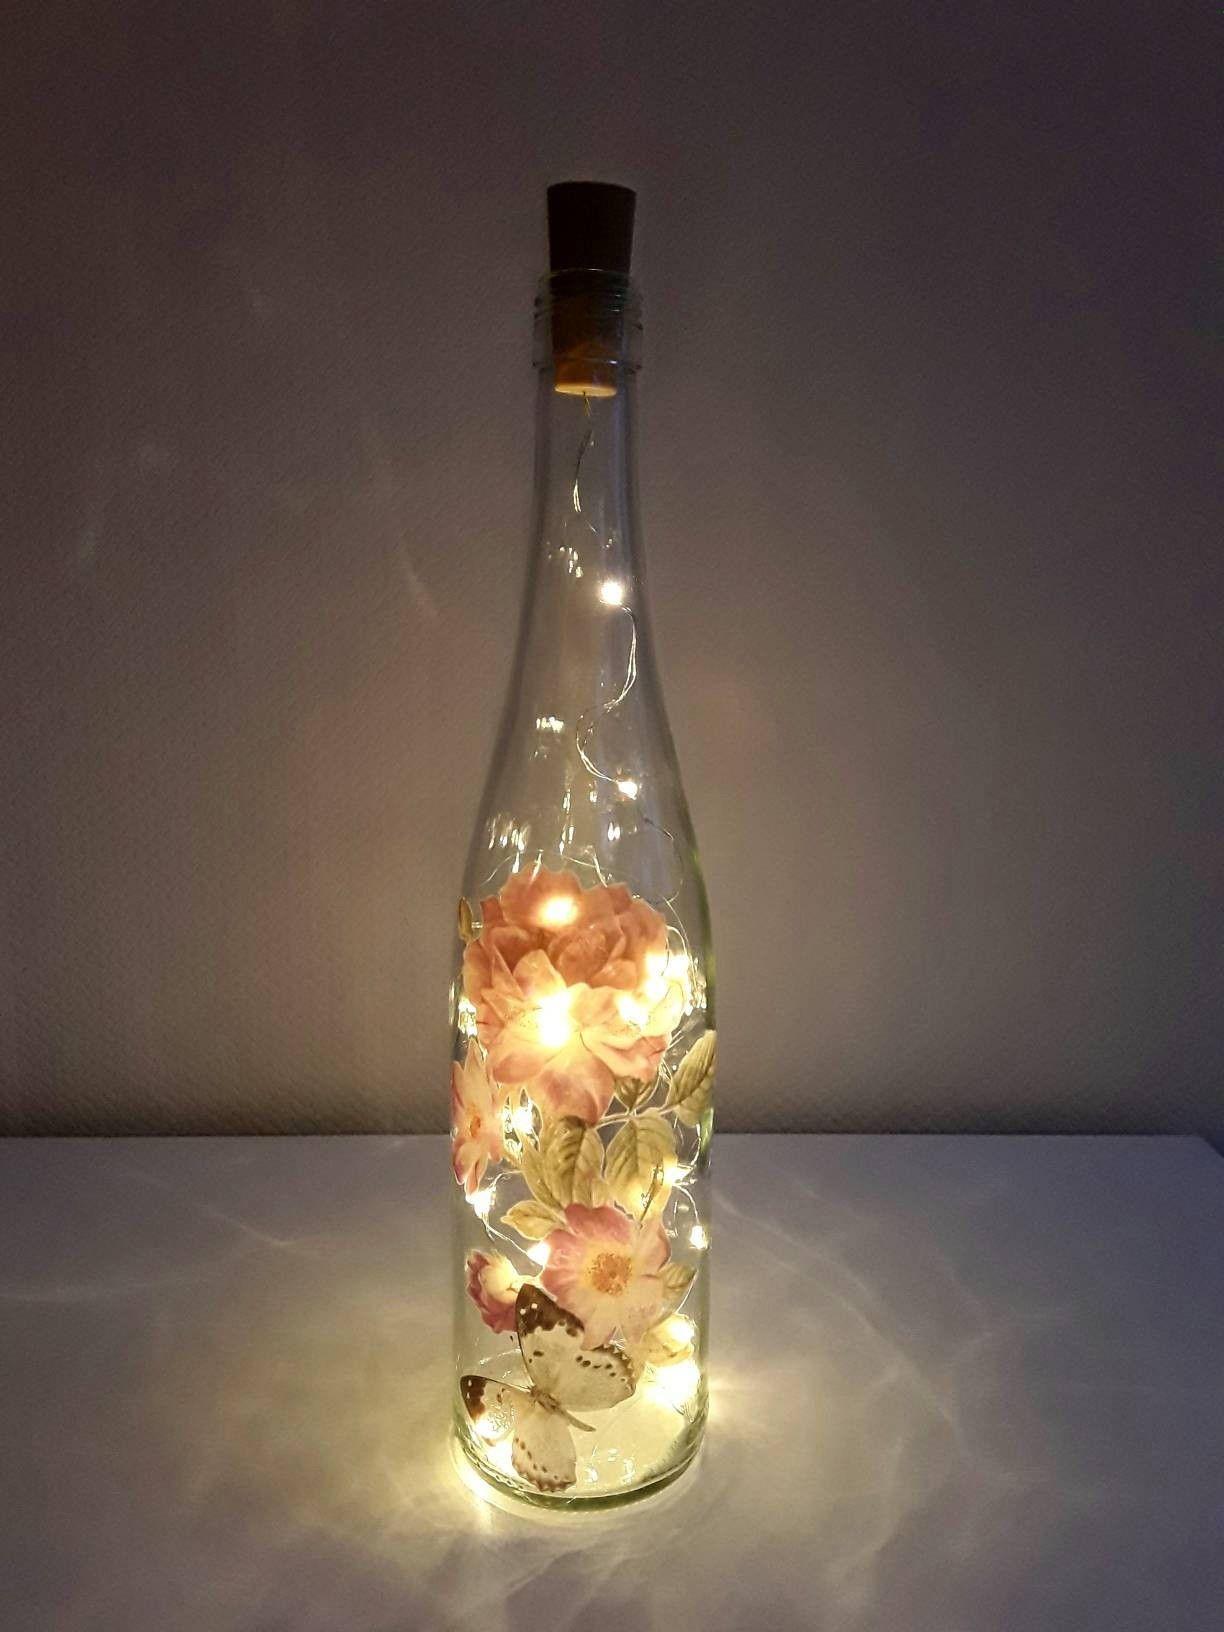 Flaschenleuchte Flaschenlicht Leuchtflasche